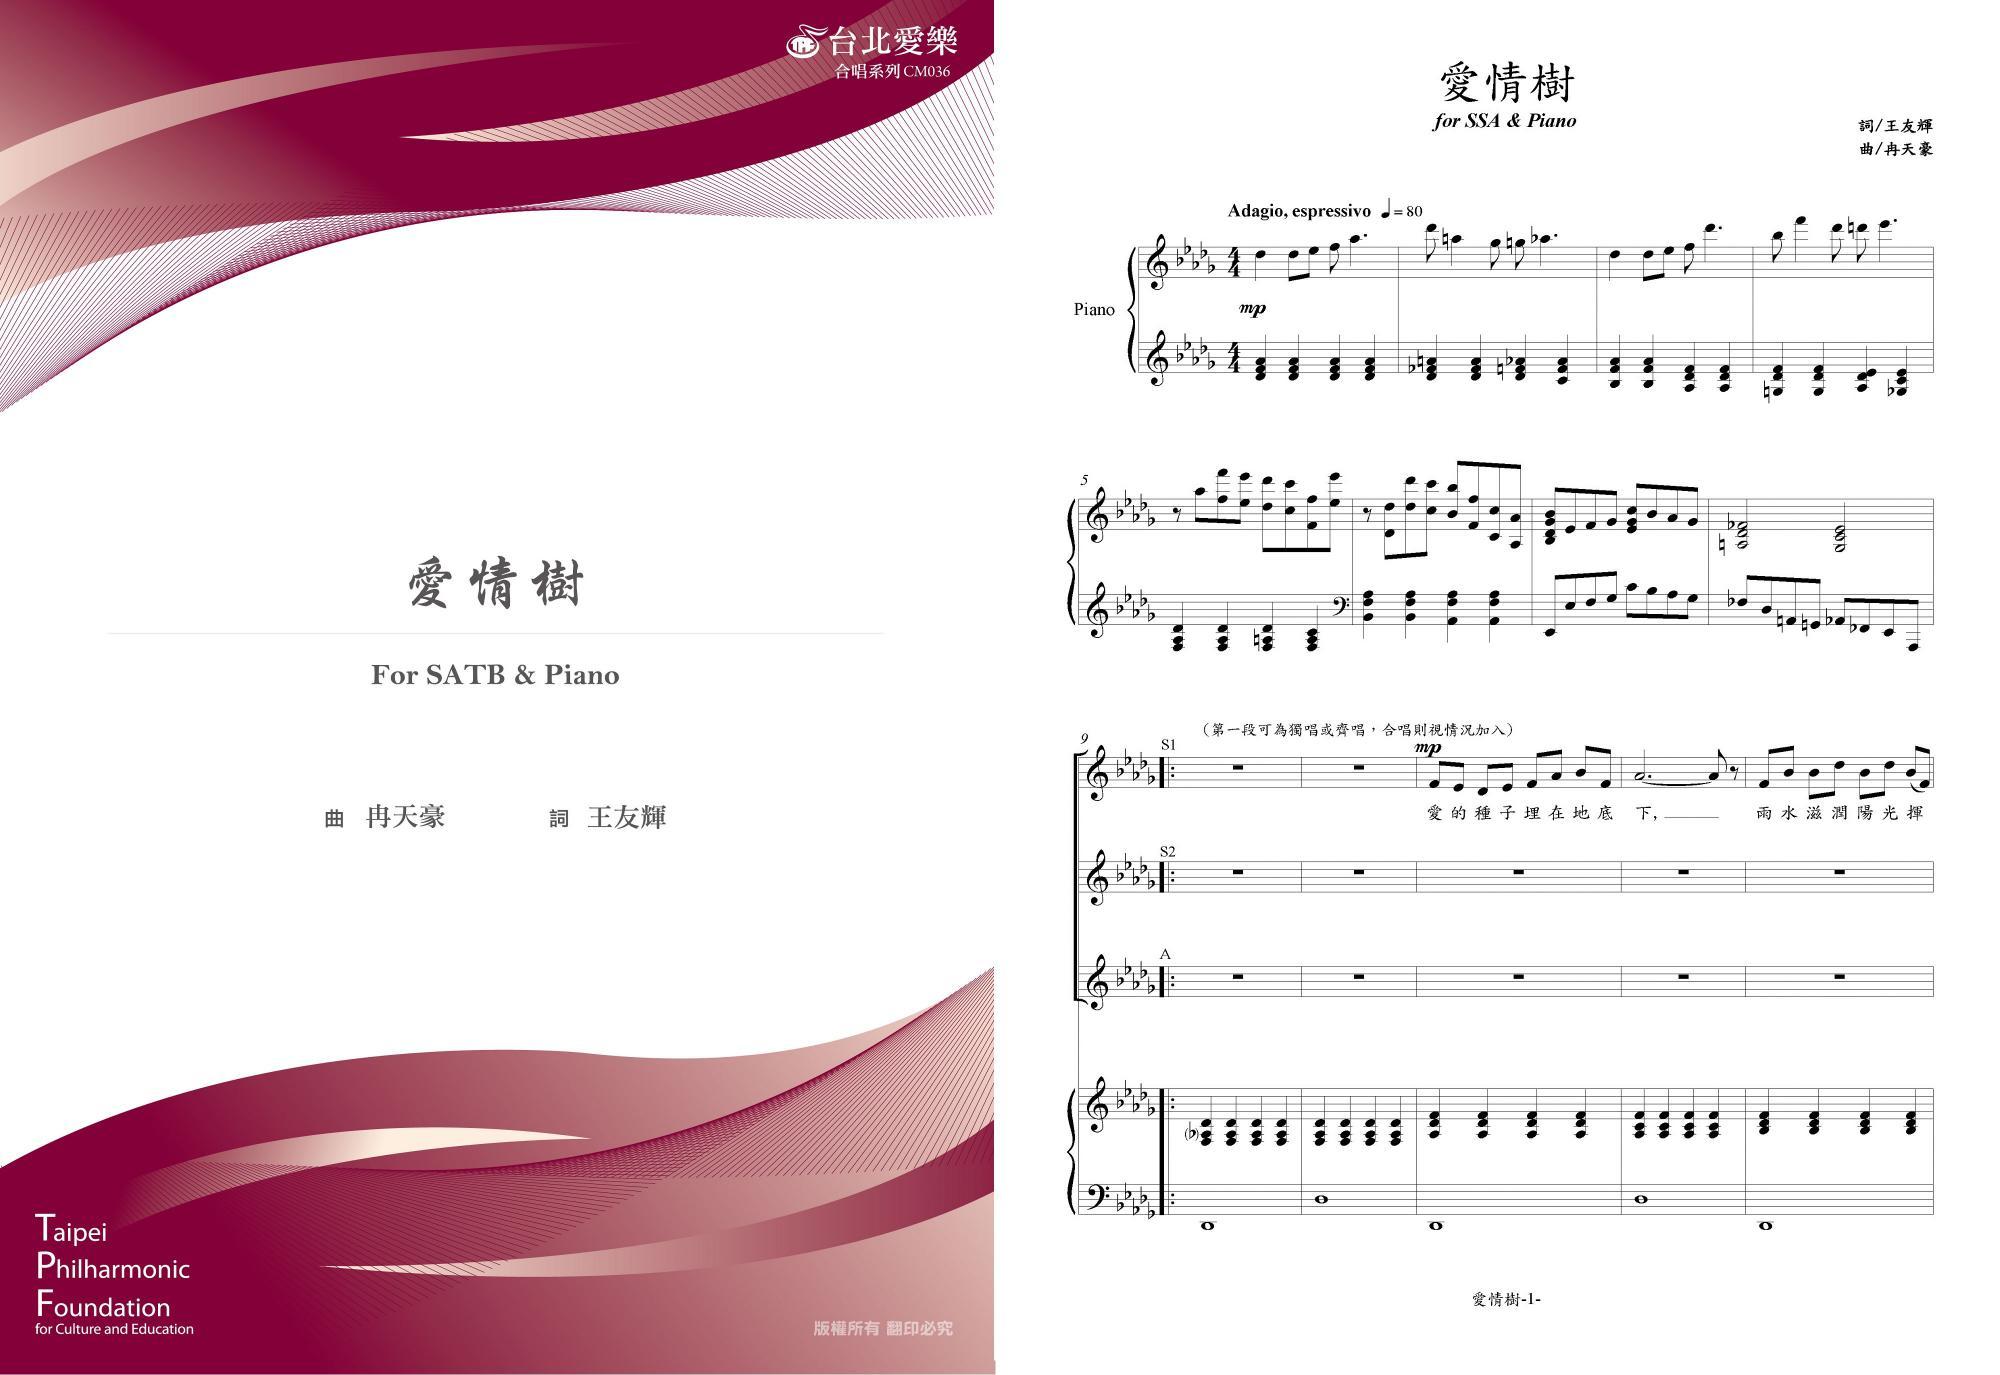 【冉天豪《愛情樹》】For SATB & PIANO